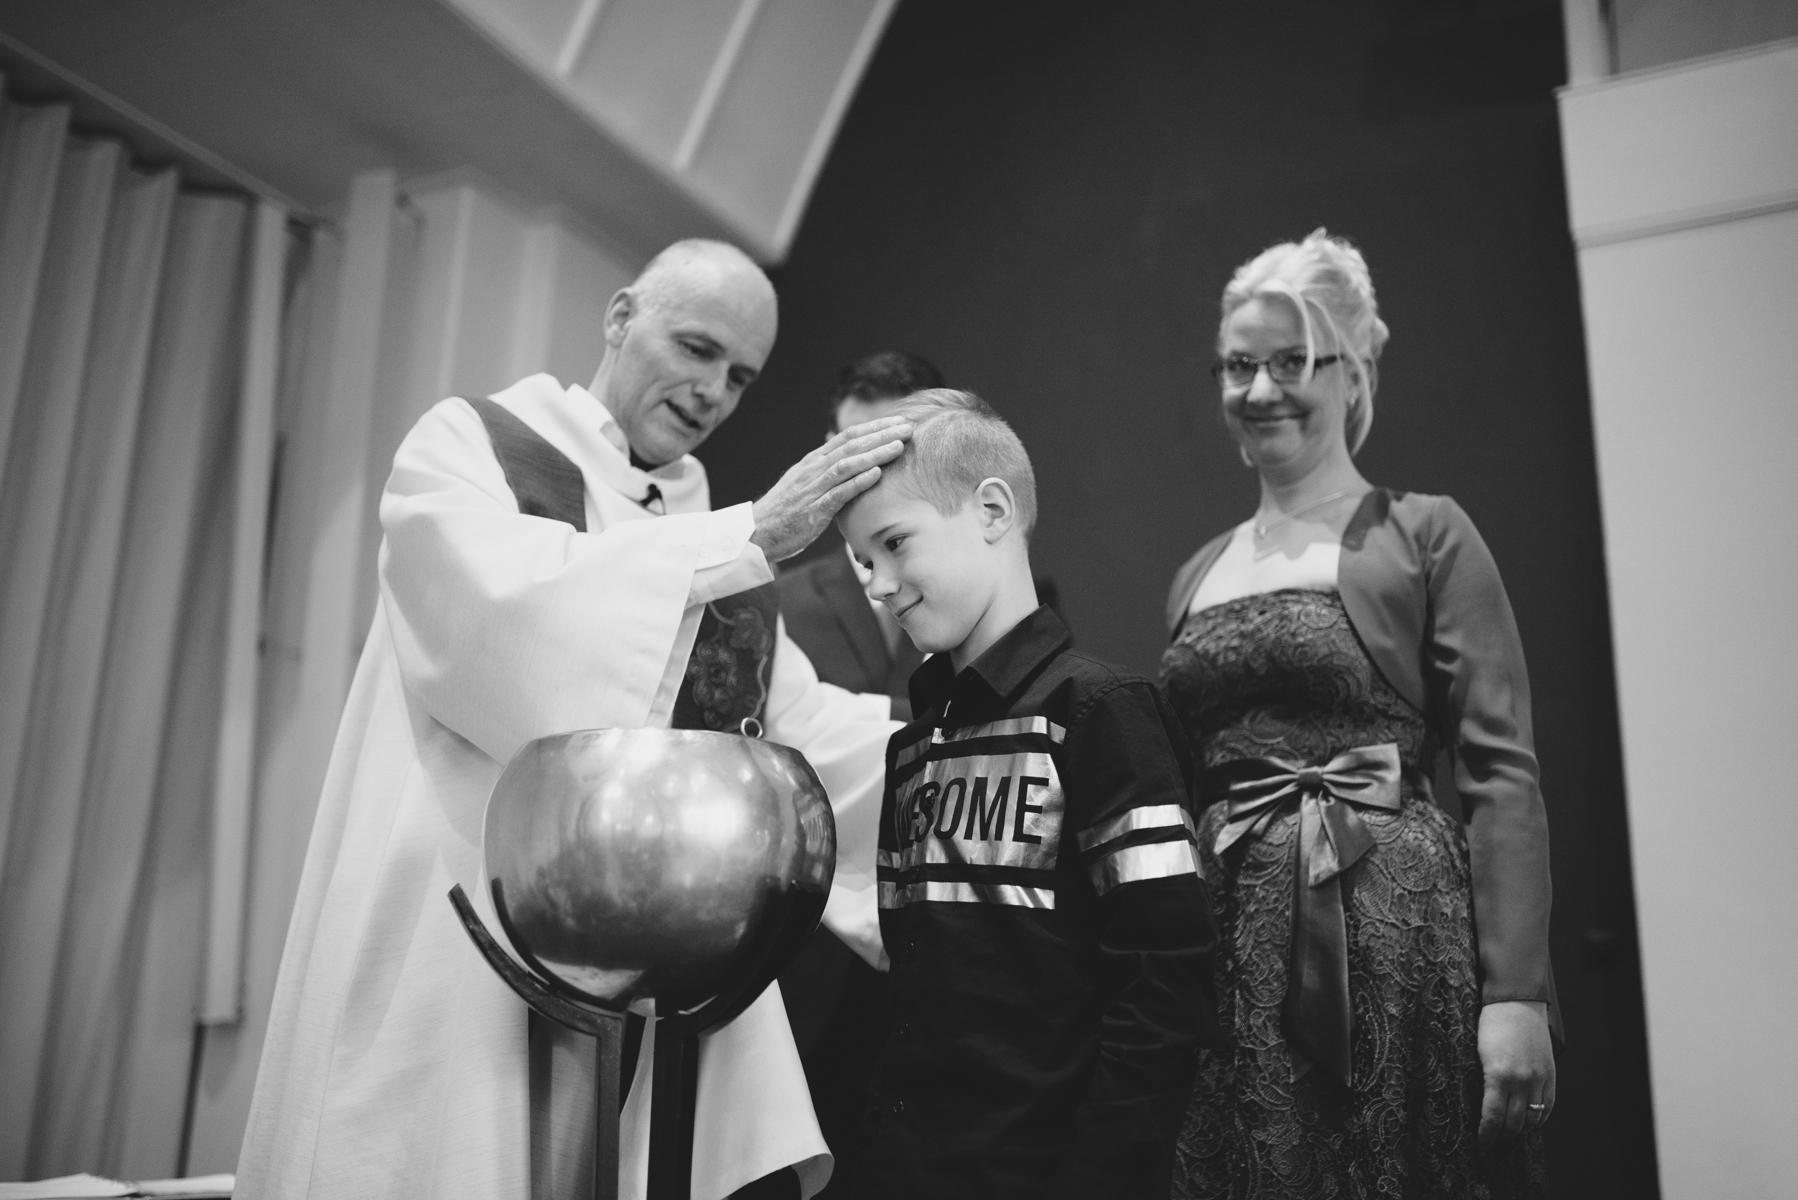 Fotografie van doop, belijdenis en trouwdienst van Janine en Arjen (42 van 55)